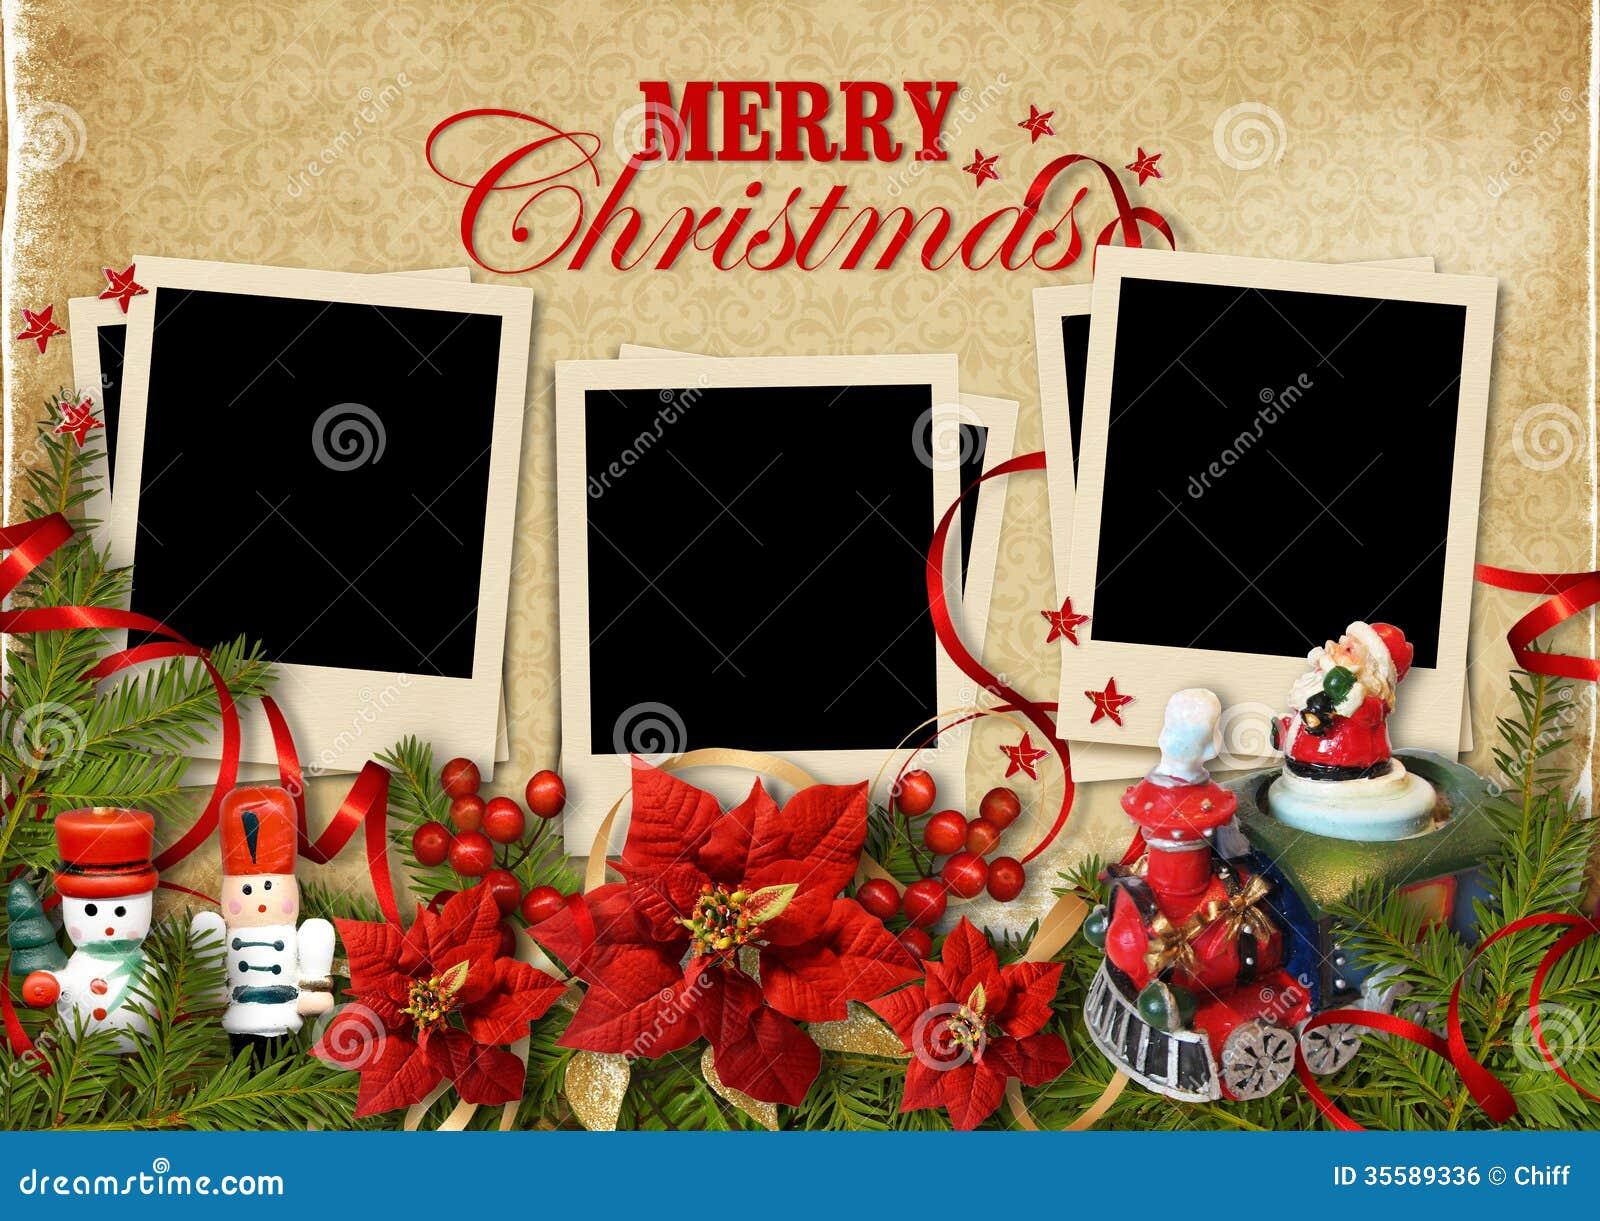 Weihnachtsweinlesehintergrund mit Rahmen für Familie